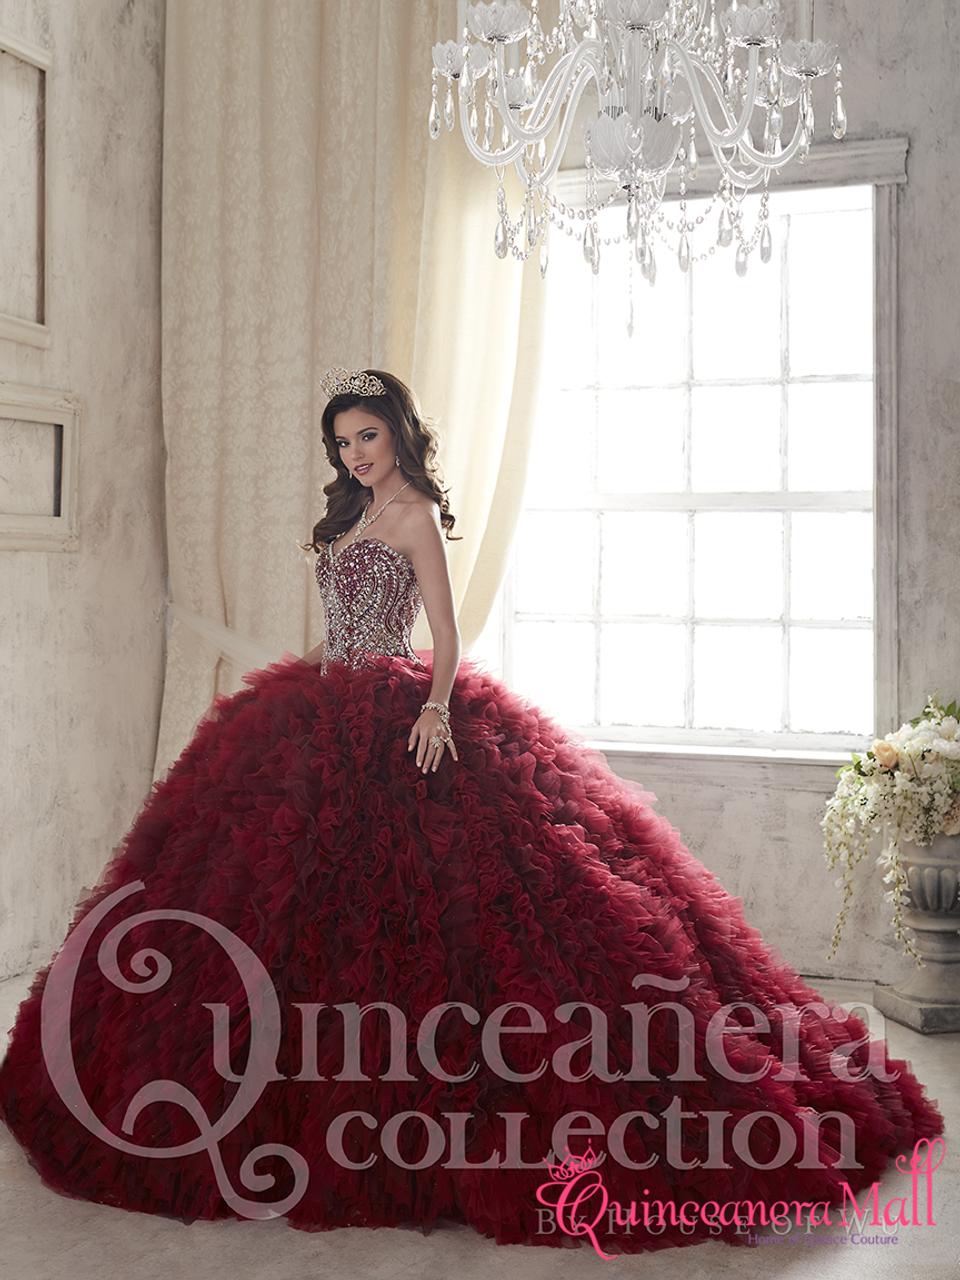 969de7c17f Quinceanera Dress  26838 - Quinceanera Mall